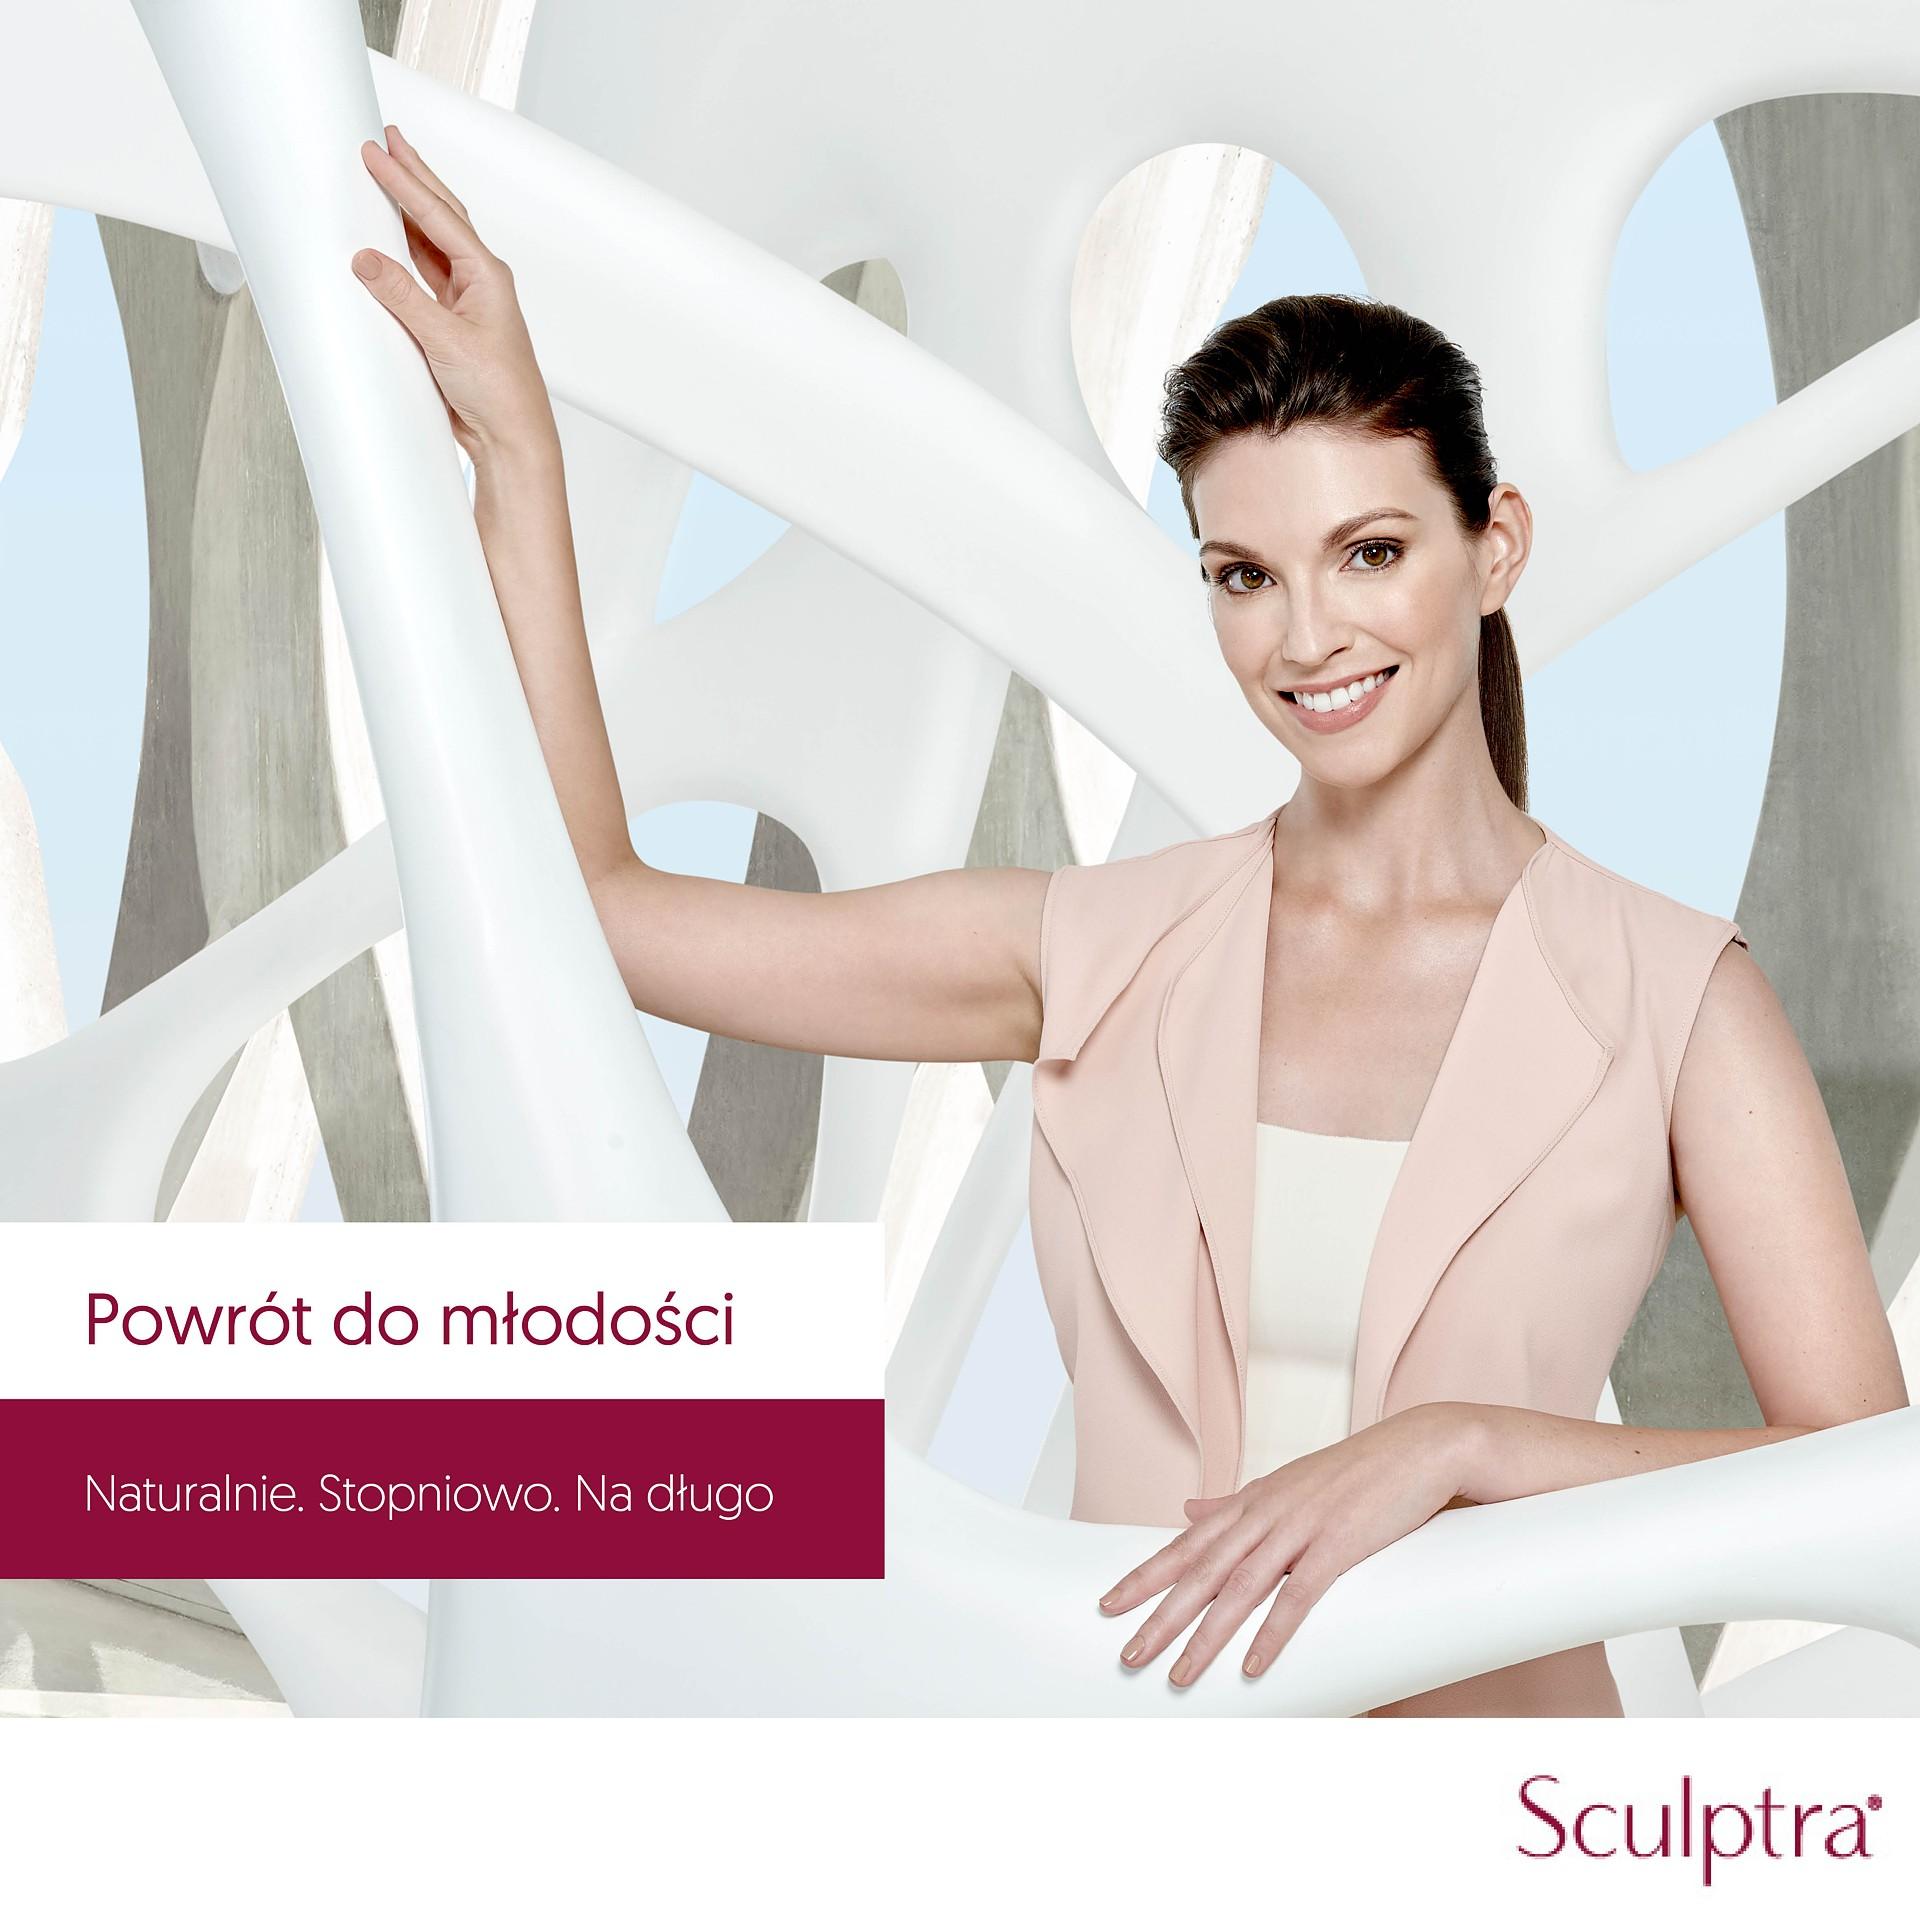 Modelka prezentująca preparat odmładzający skórę